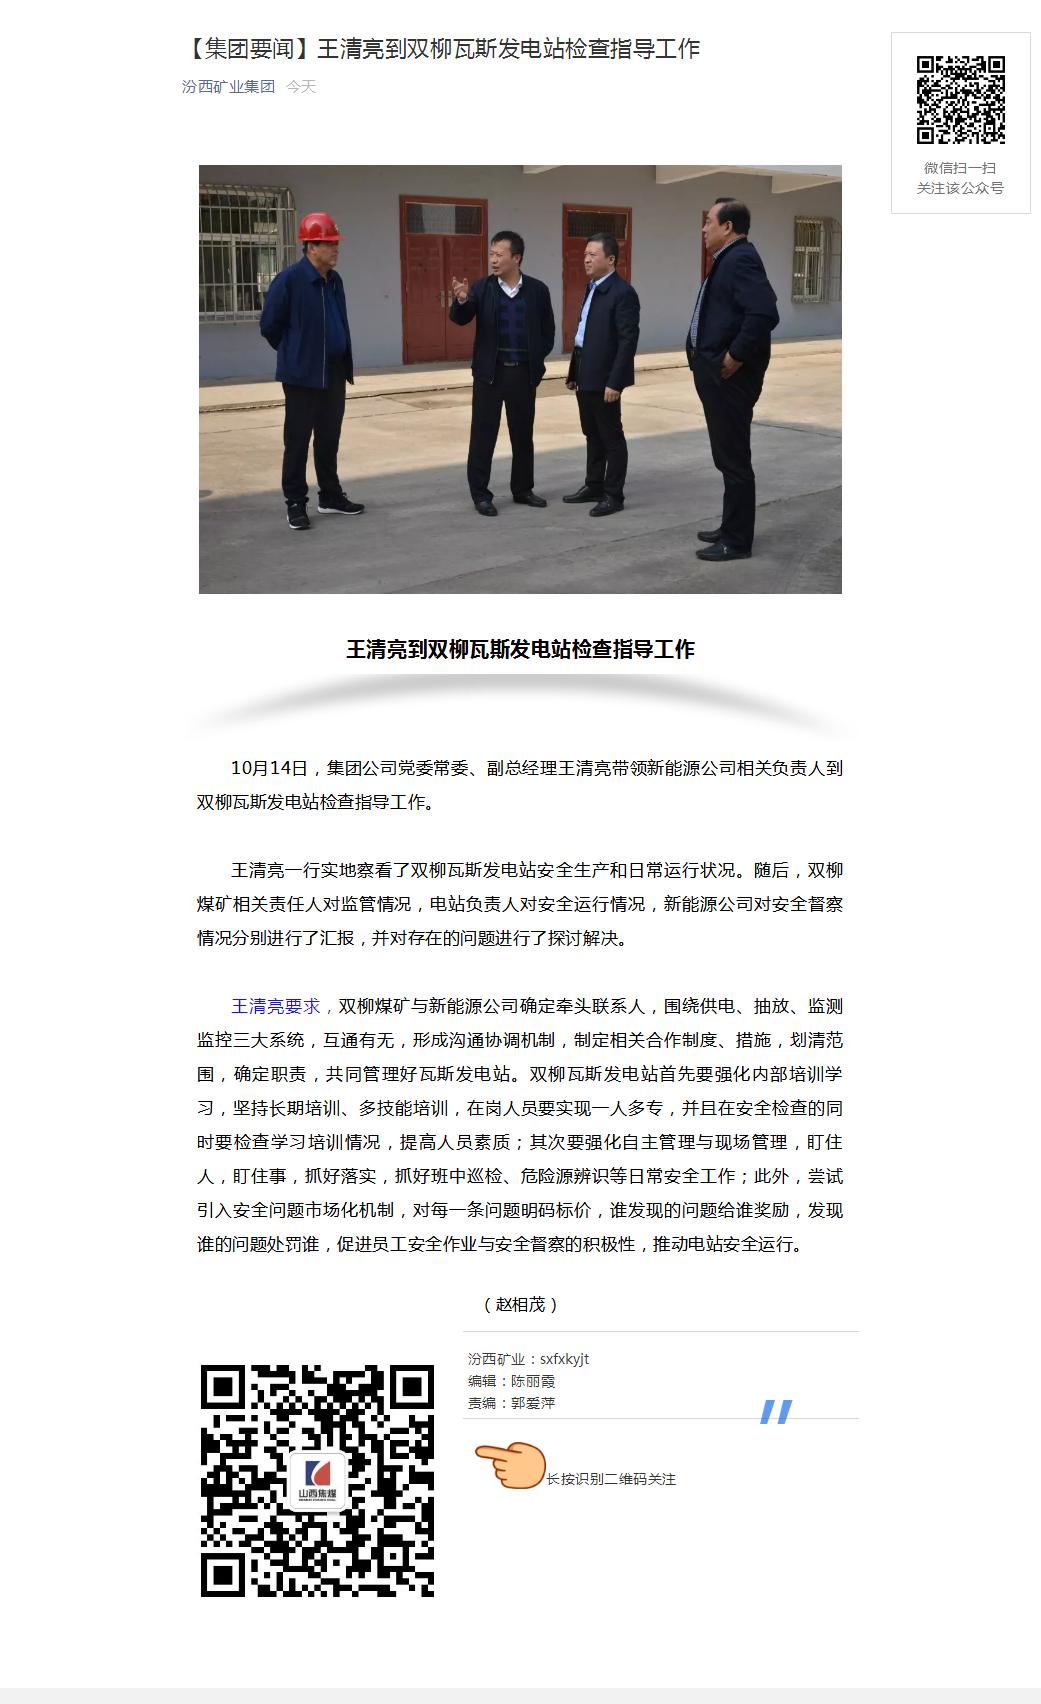 【集团要闻】王清亮到双柳瓦斯发电站检查指导工作.png